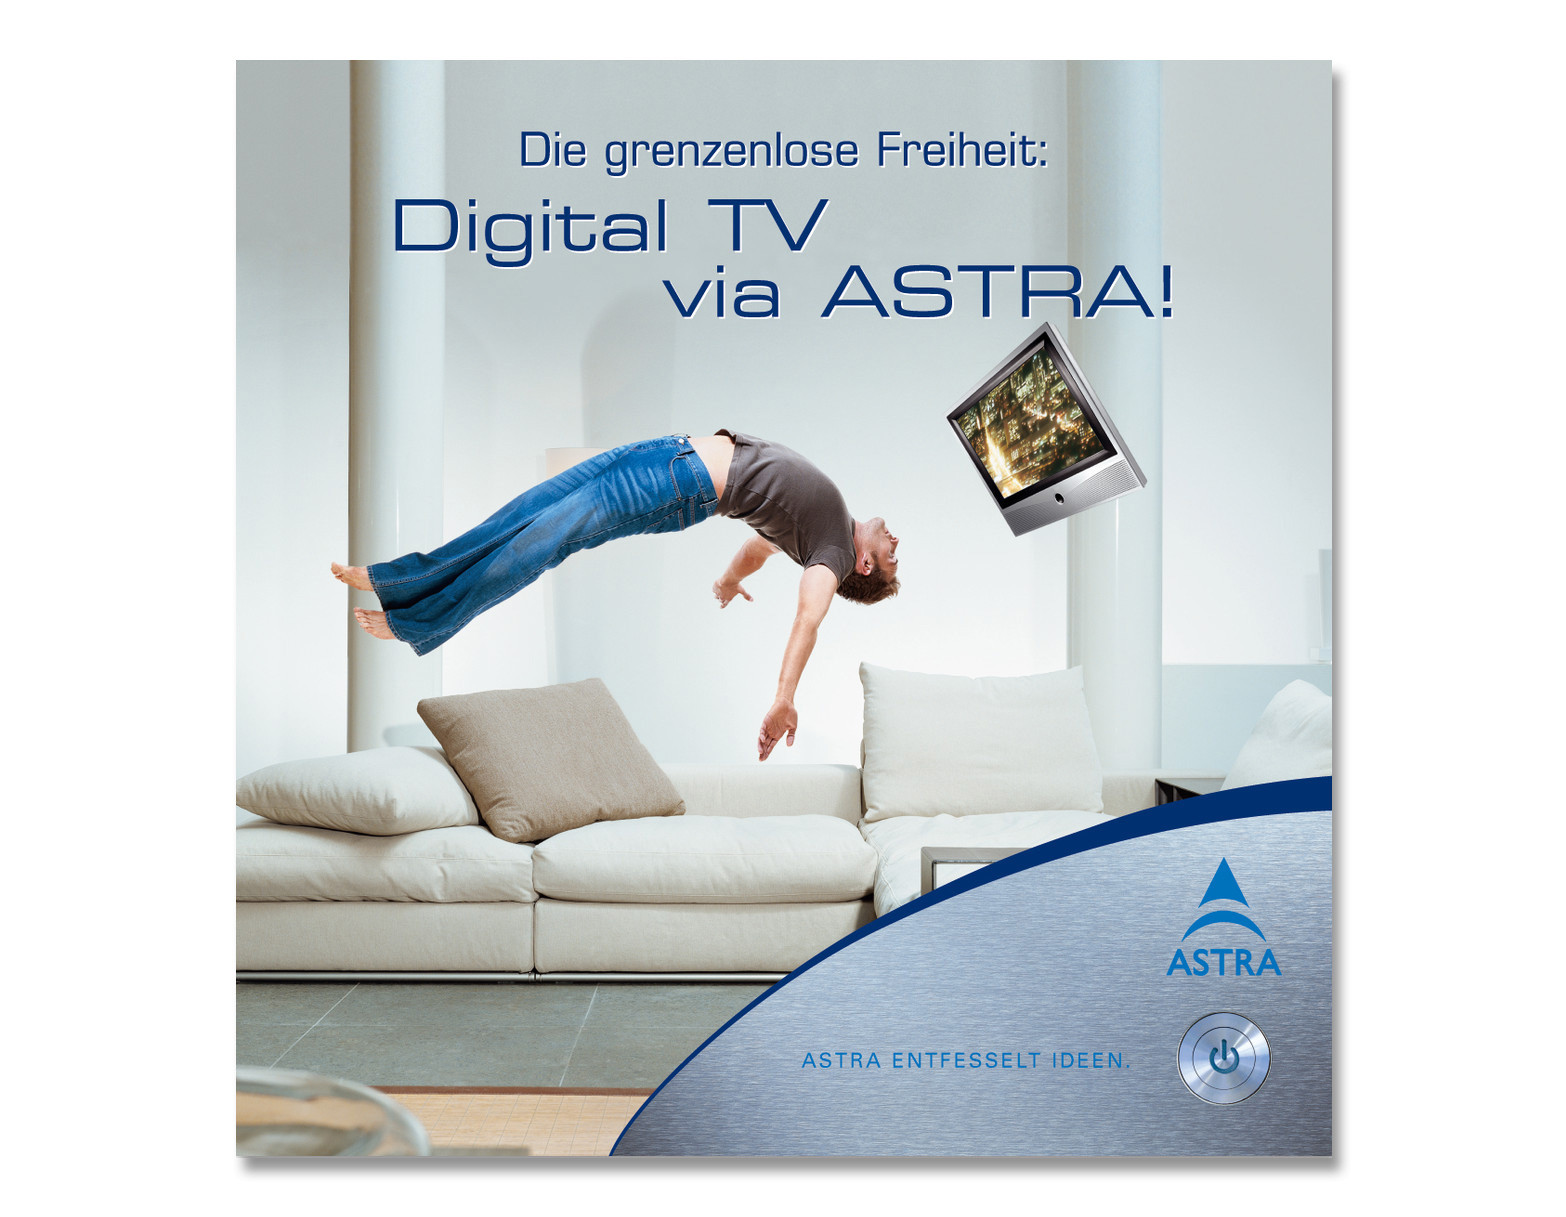 Keyvisual TV. Die grenzenlose Freiheit